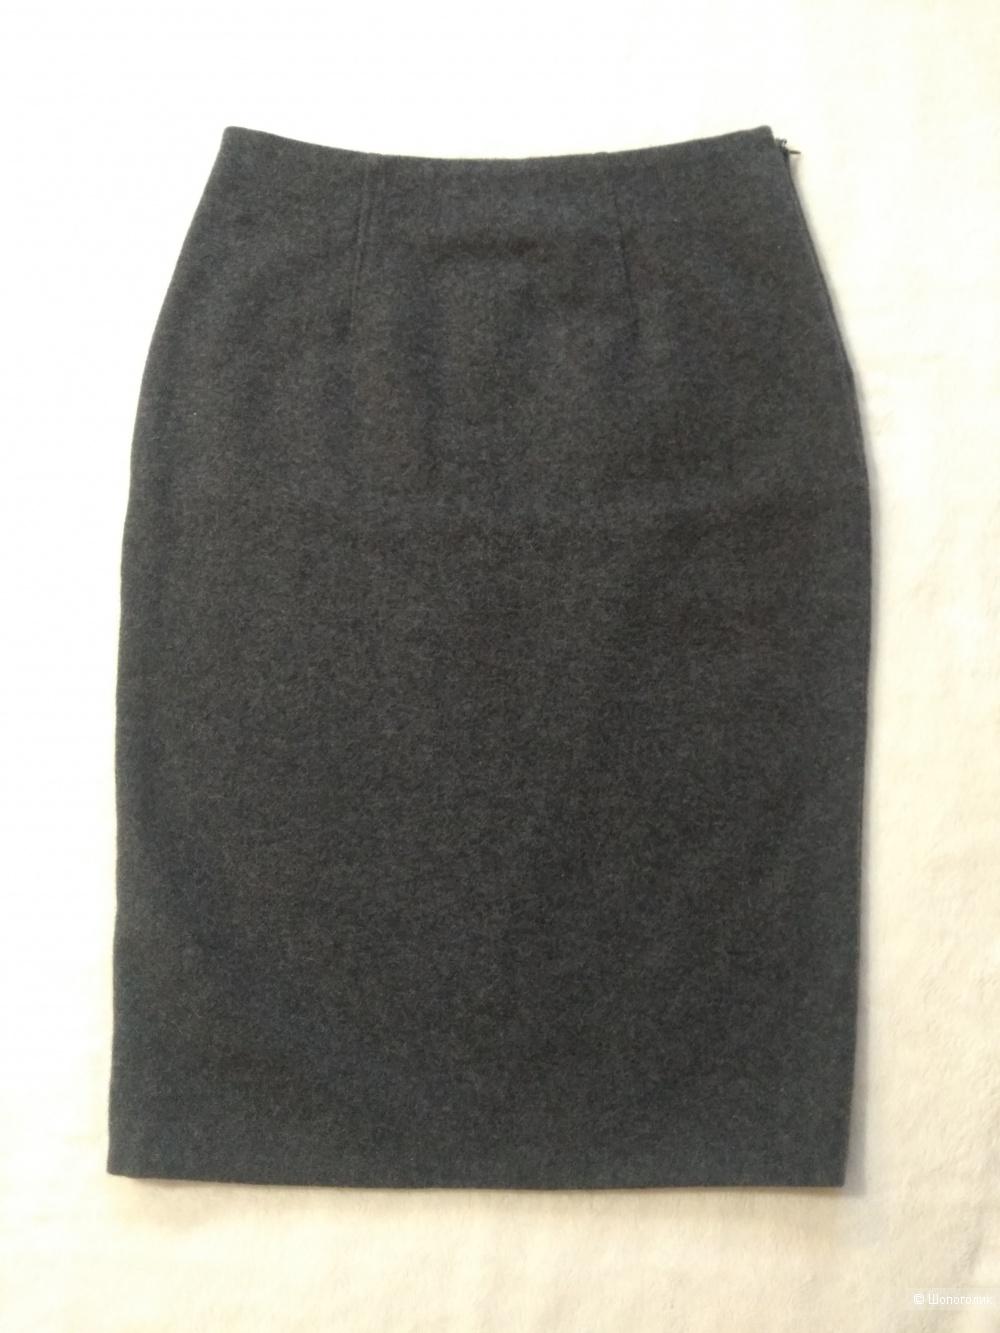 Юбка ной нейм размер 42-44